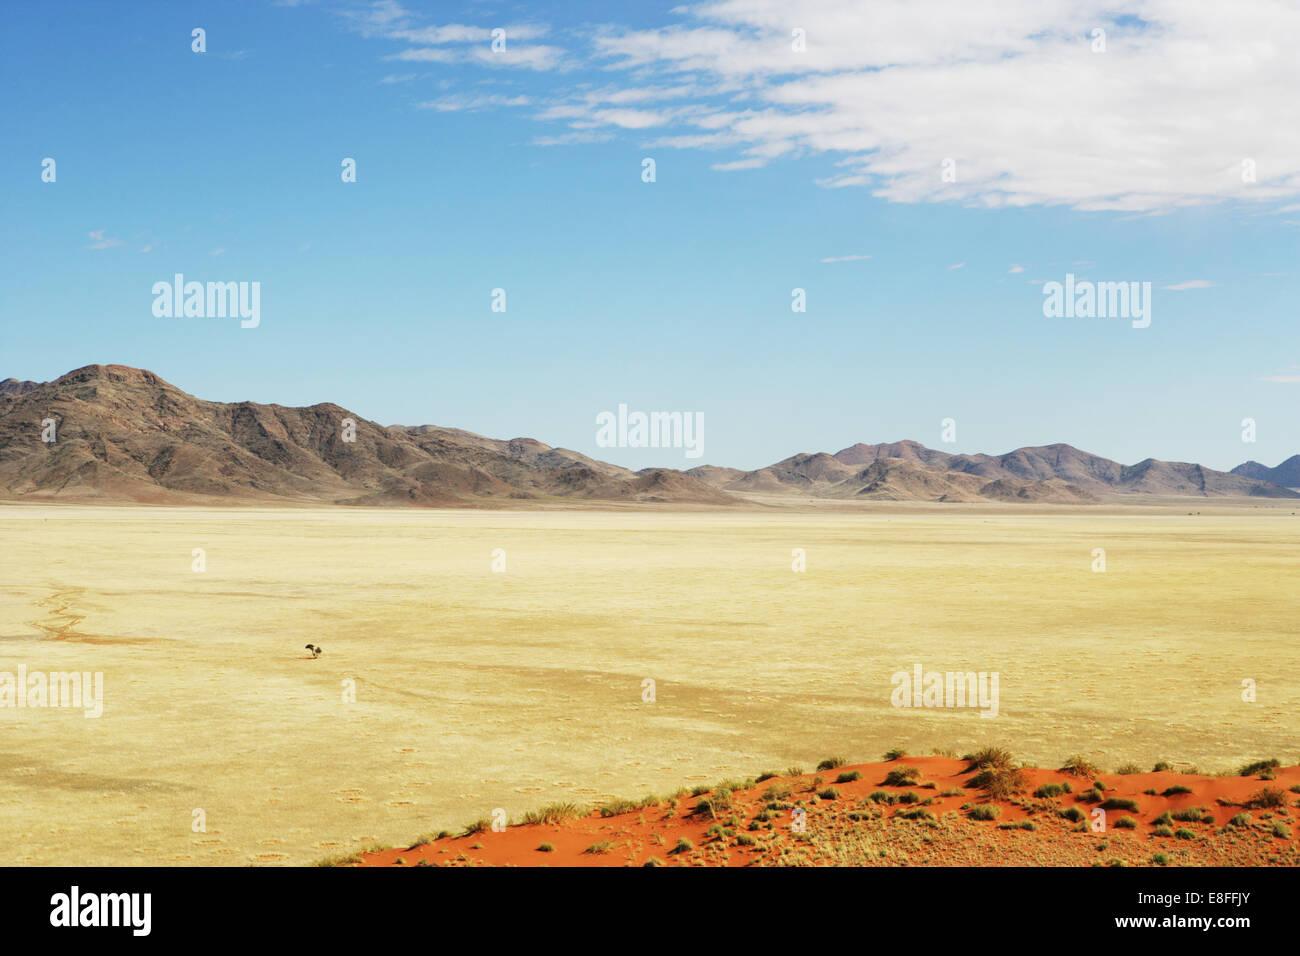 Paysage de montagne et désert, Namib-Naukluft National Park, Namibie Photo Stock